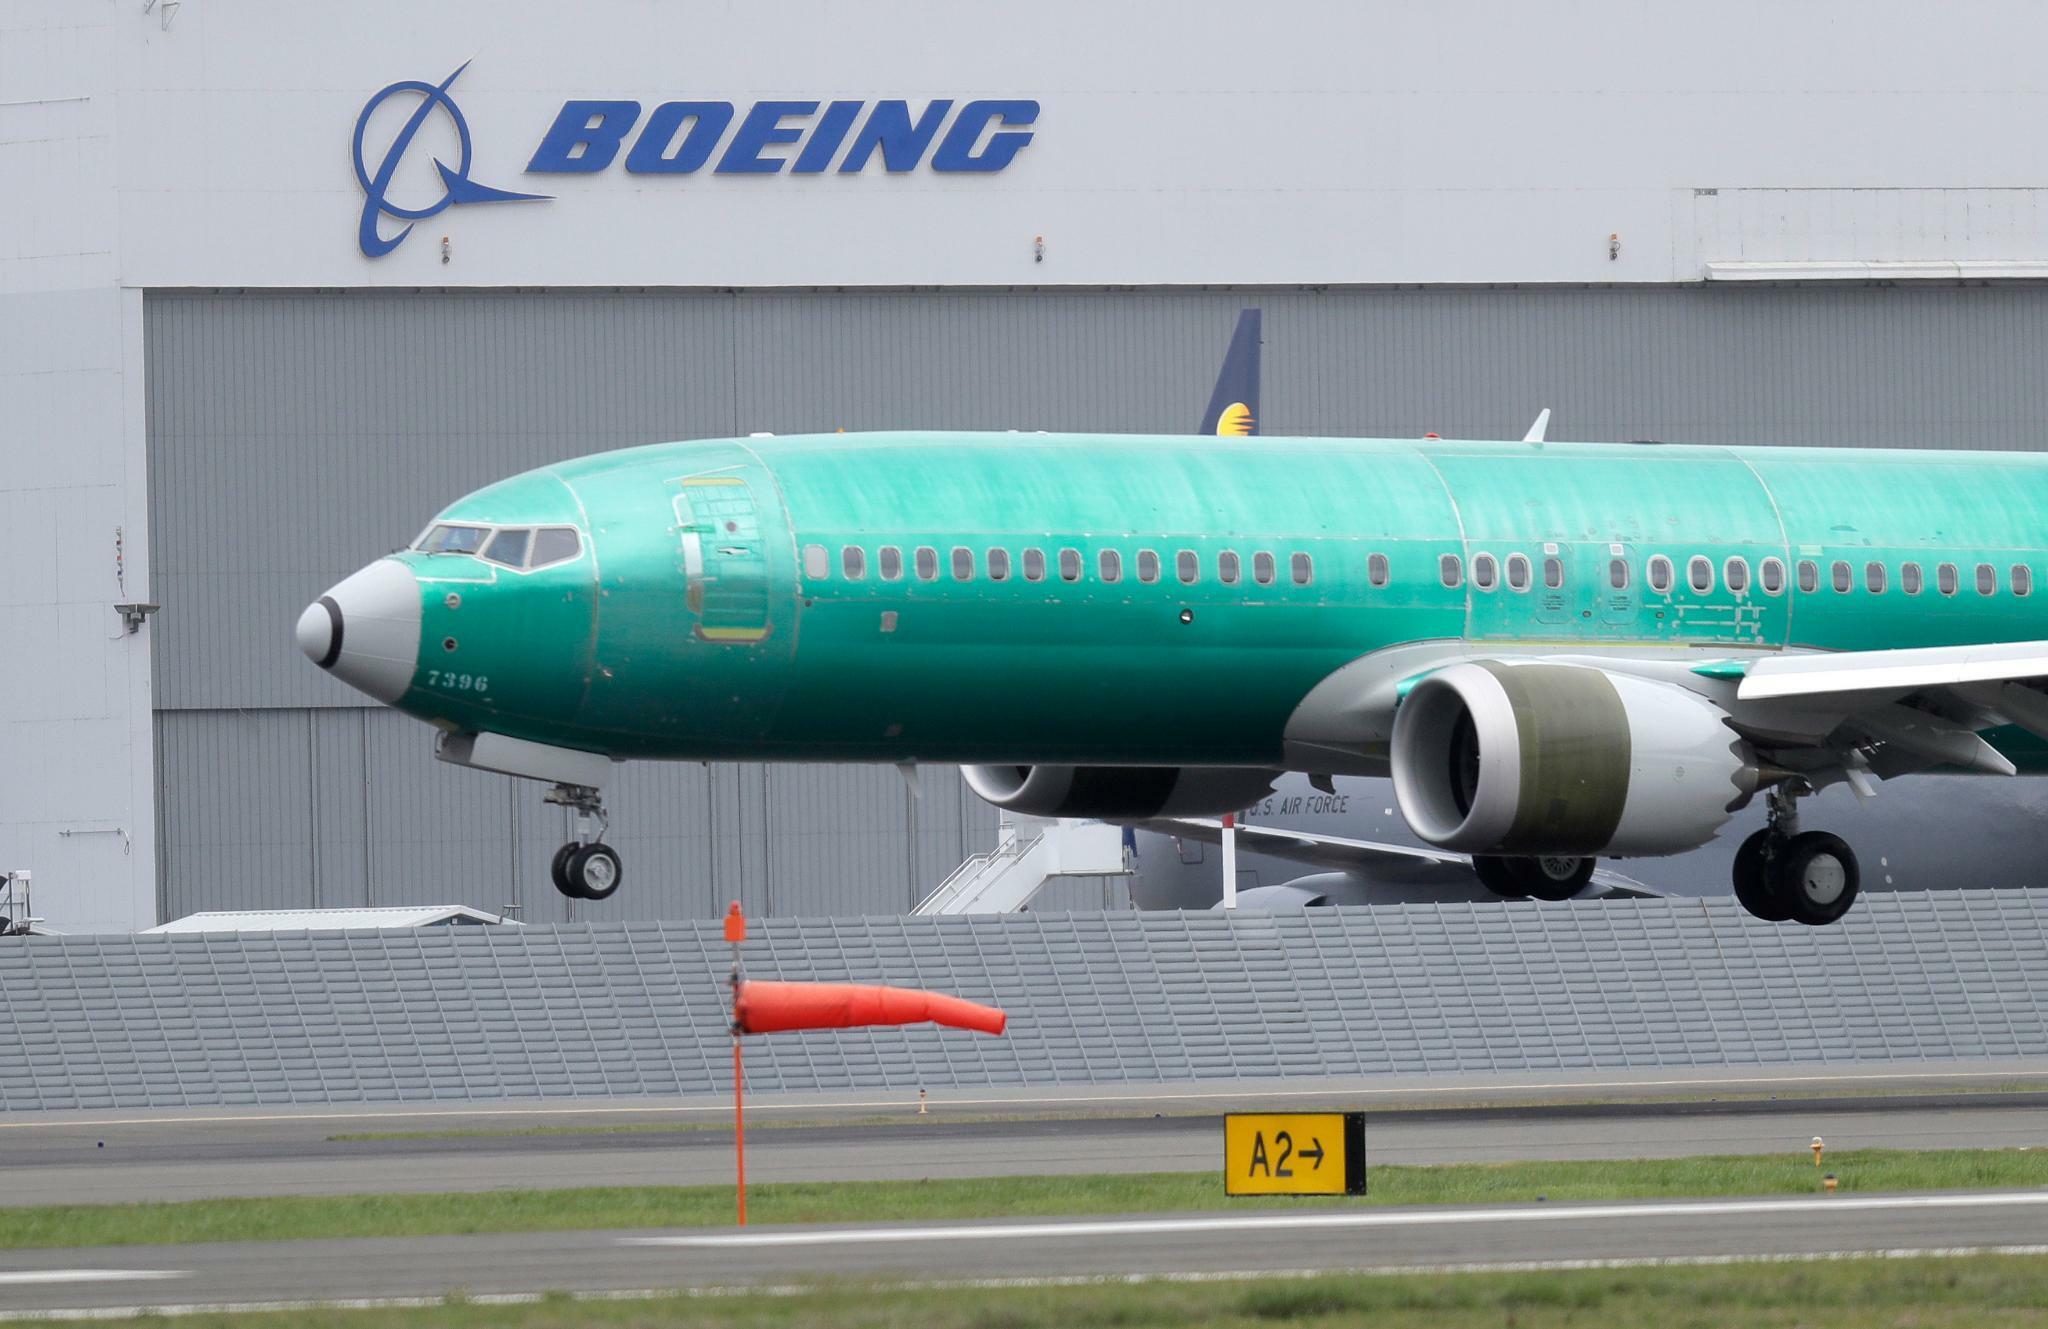 Boeing startet Entschädigungsprogramm nach 737-Max-Abstürzen